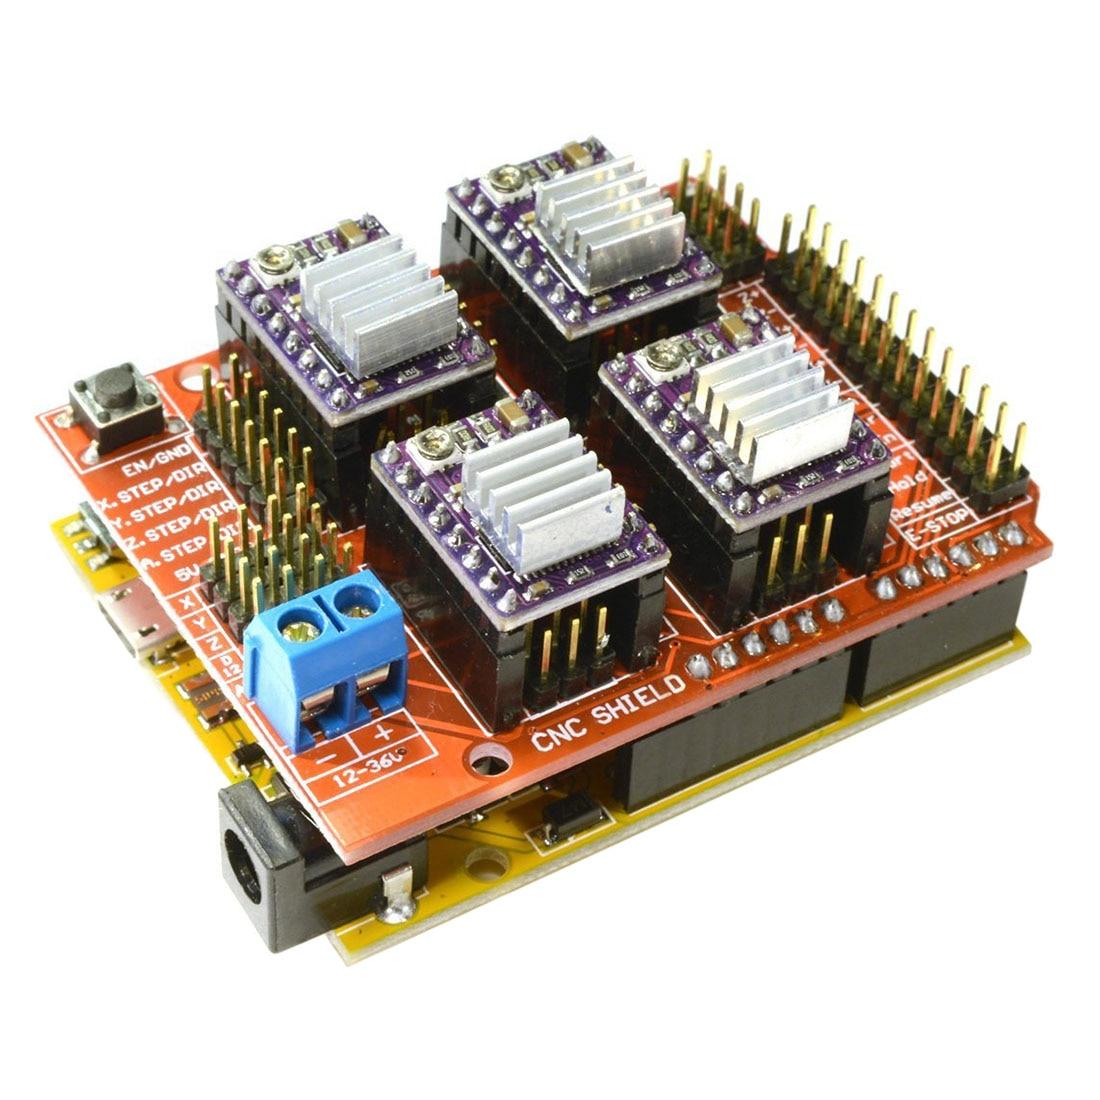 CNC V3 Shield + UNO R3 Compatible Board + 4x TI DRV8825 StepStick Stepper Drivers Red+purple